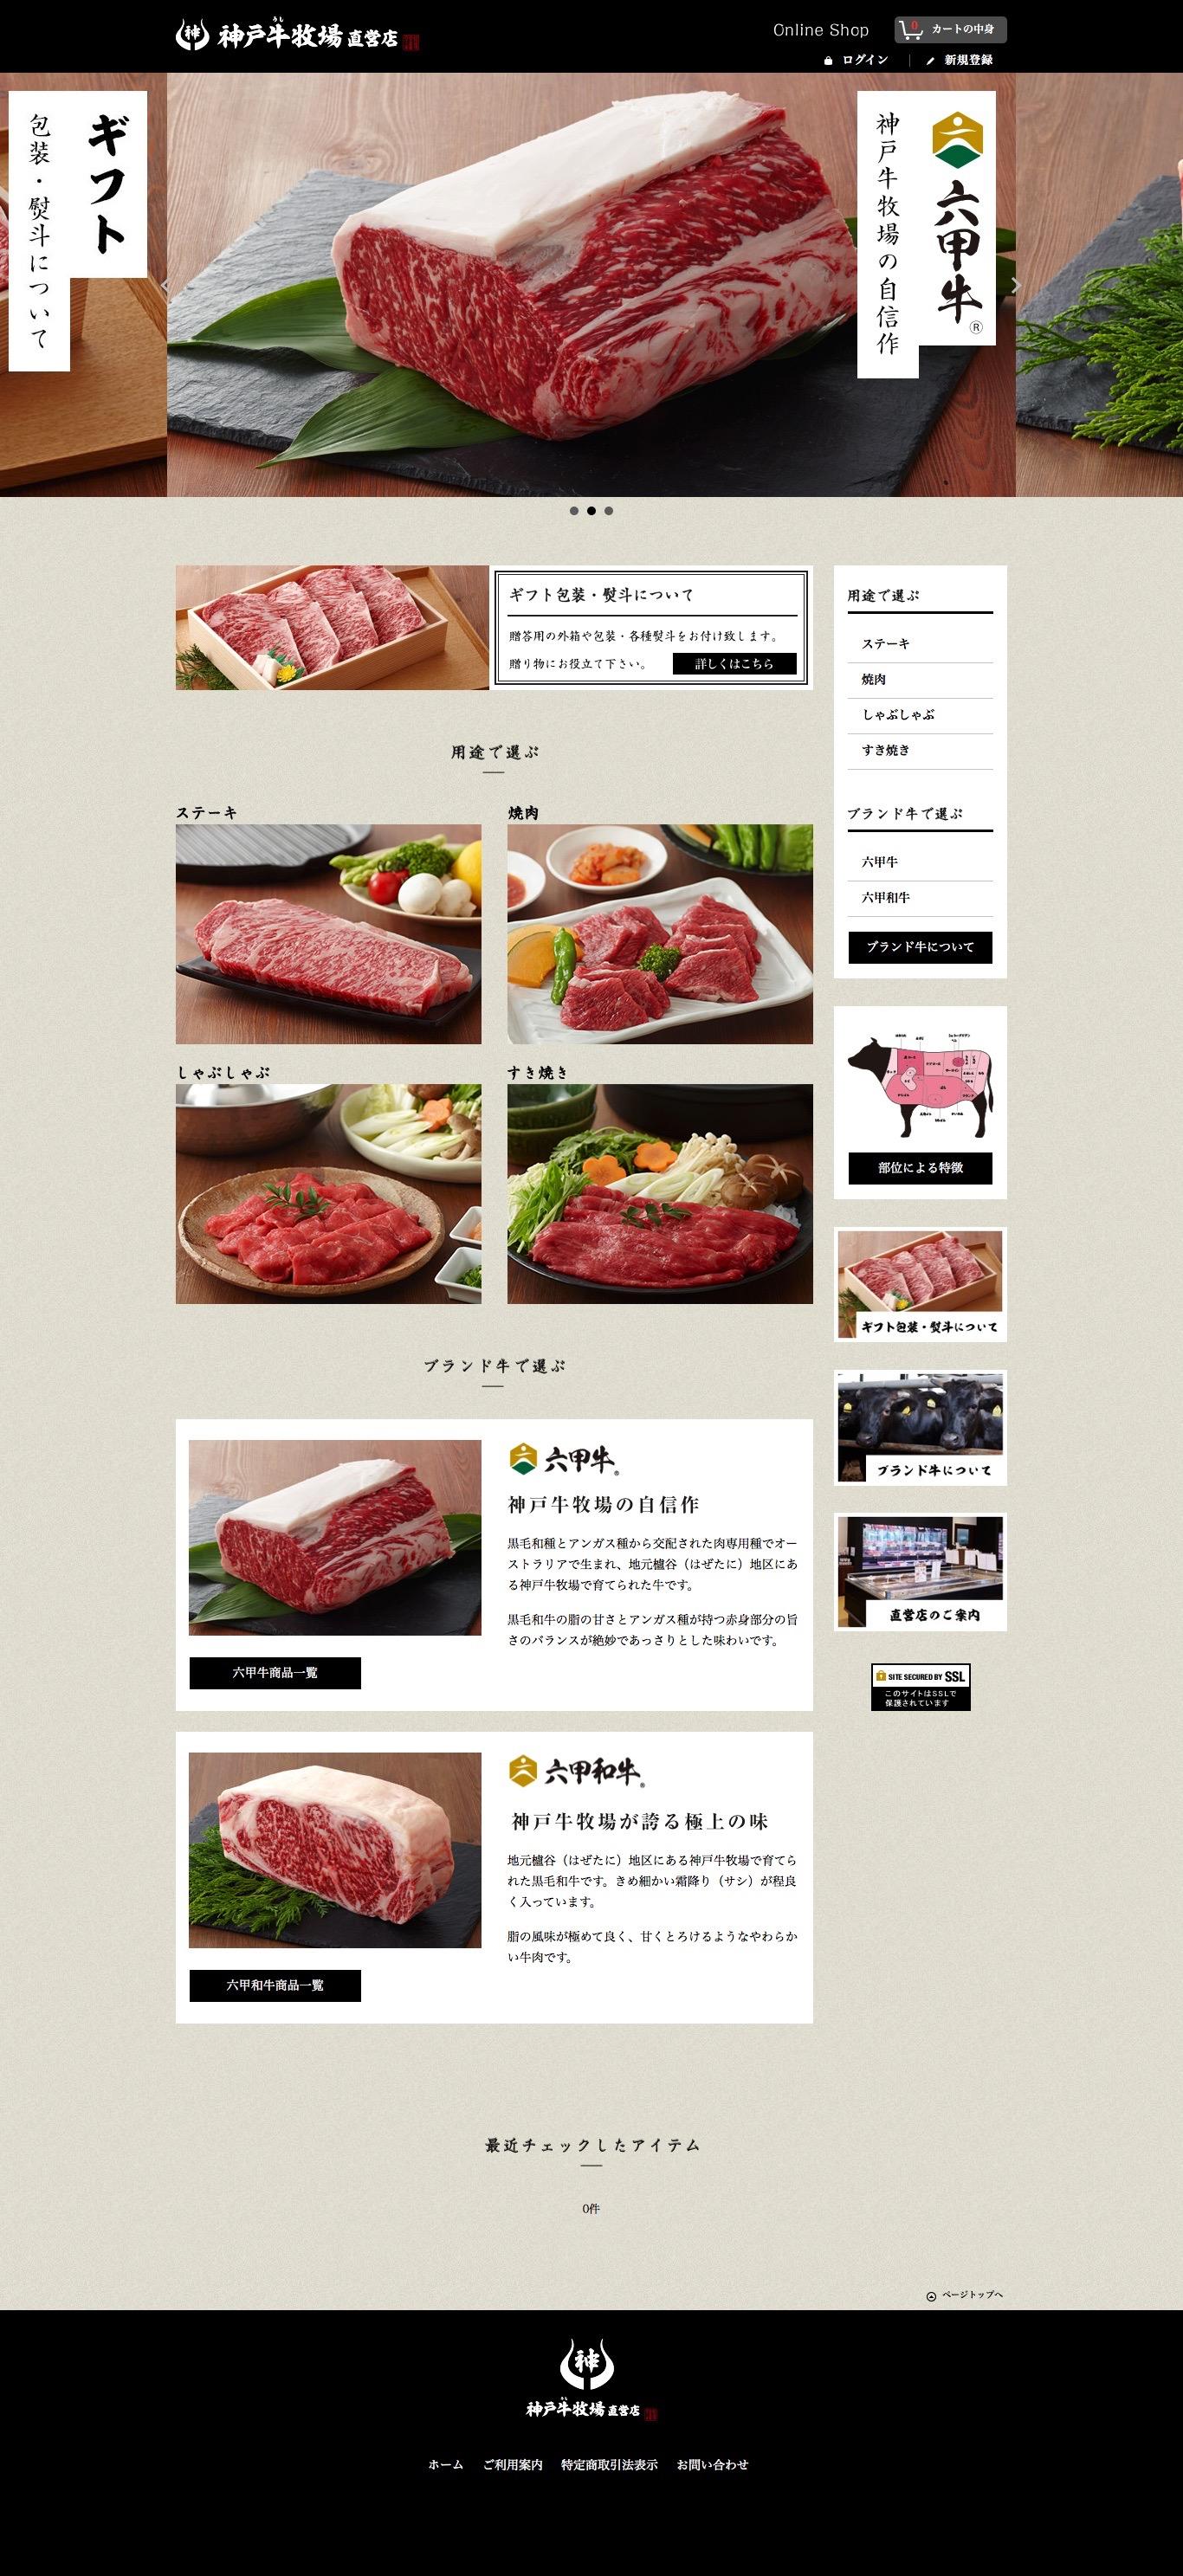 神戸牛牧場 直営店 オンラインショップ